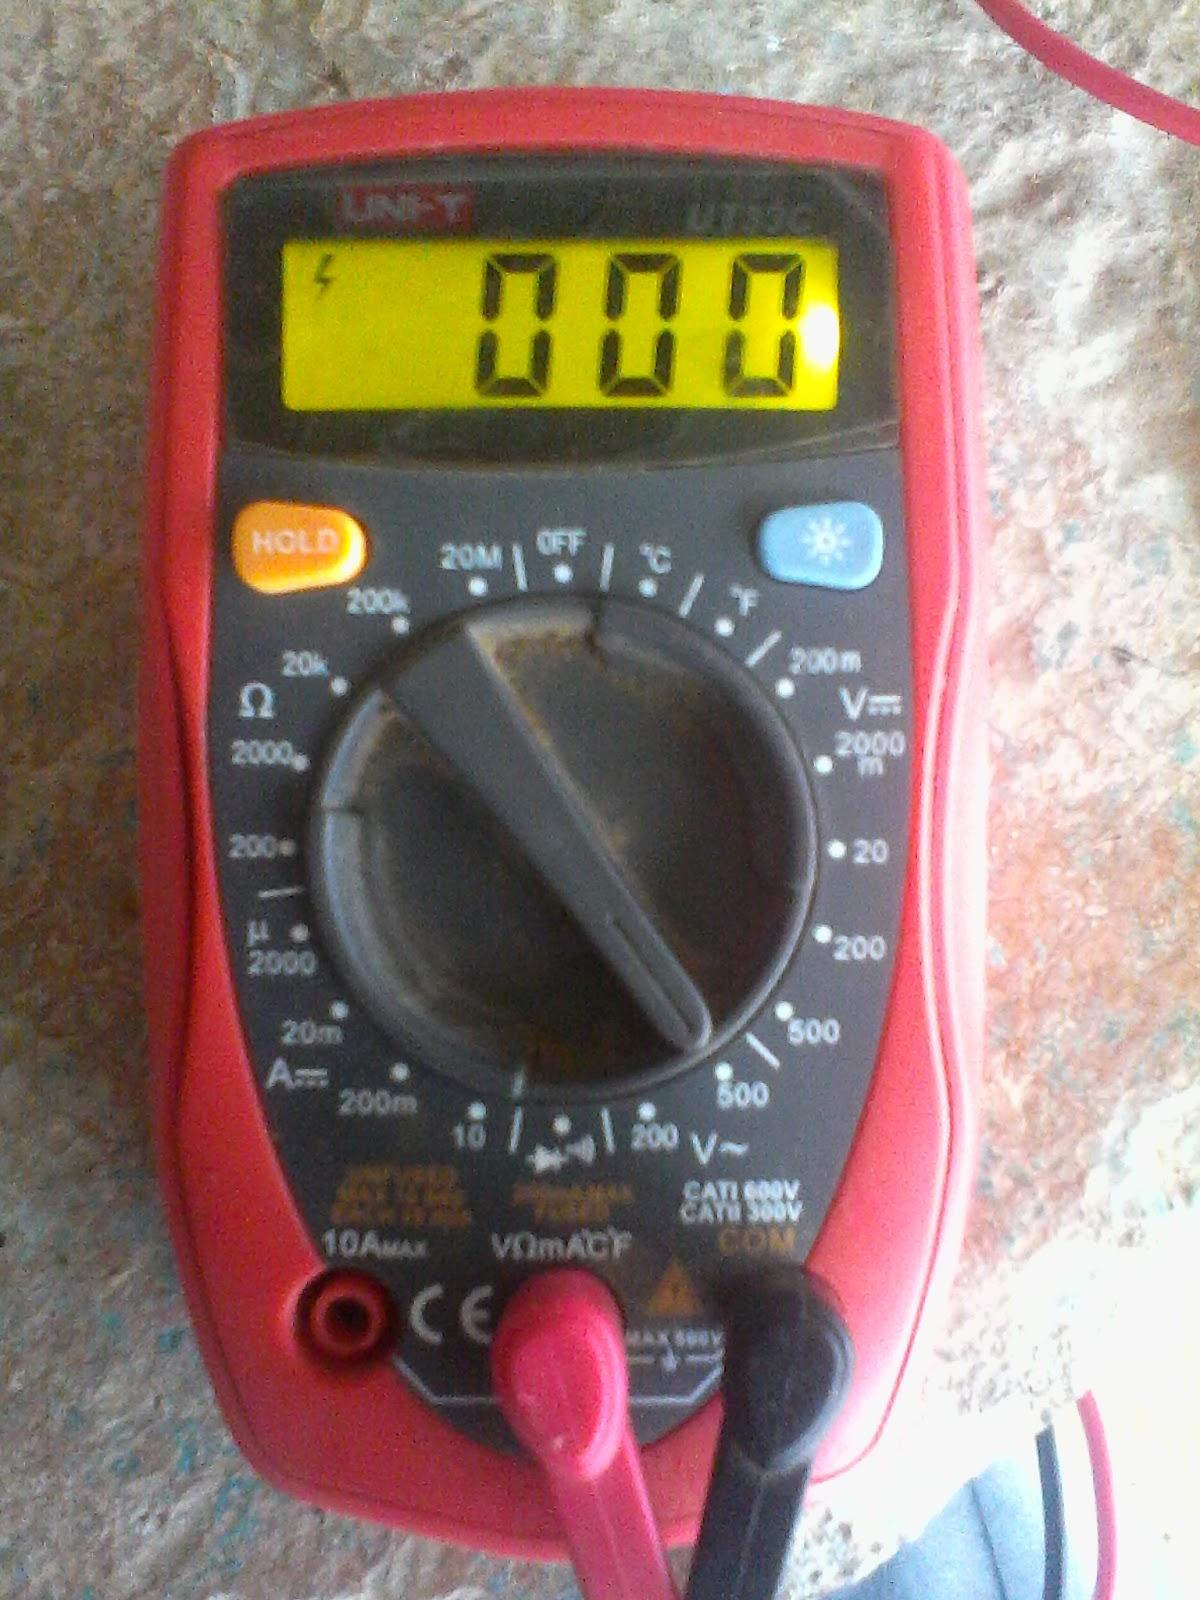 digital%2Bmultimeter%2Bon%2BAC%2Bvolts%2Btesting how to test ac voltage by digital multimeter electrical online 4u